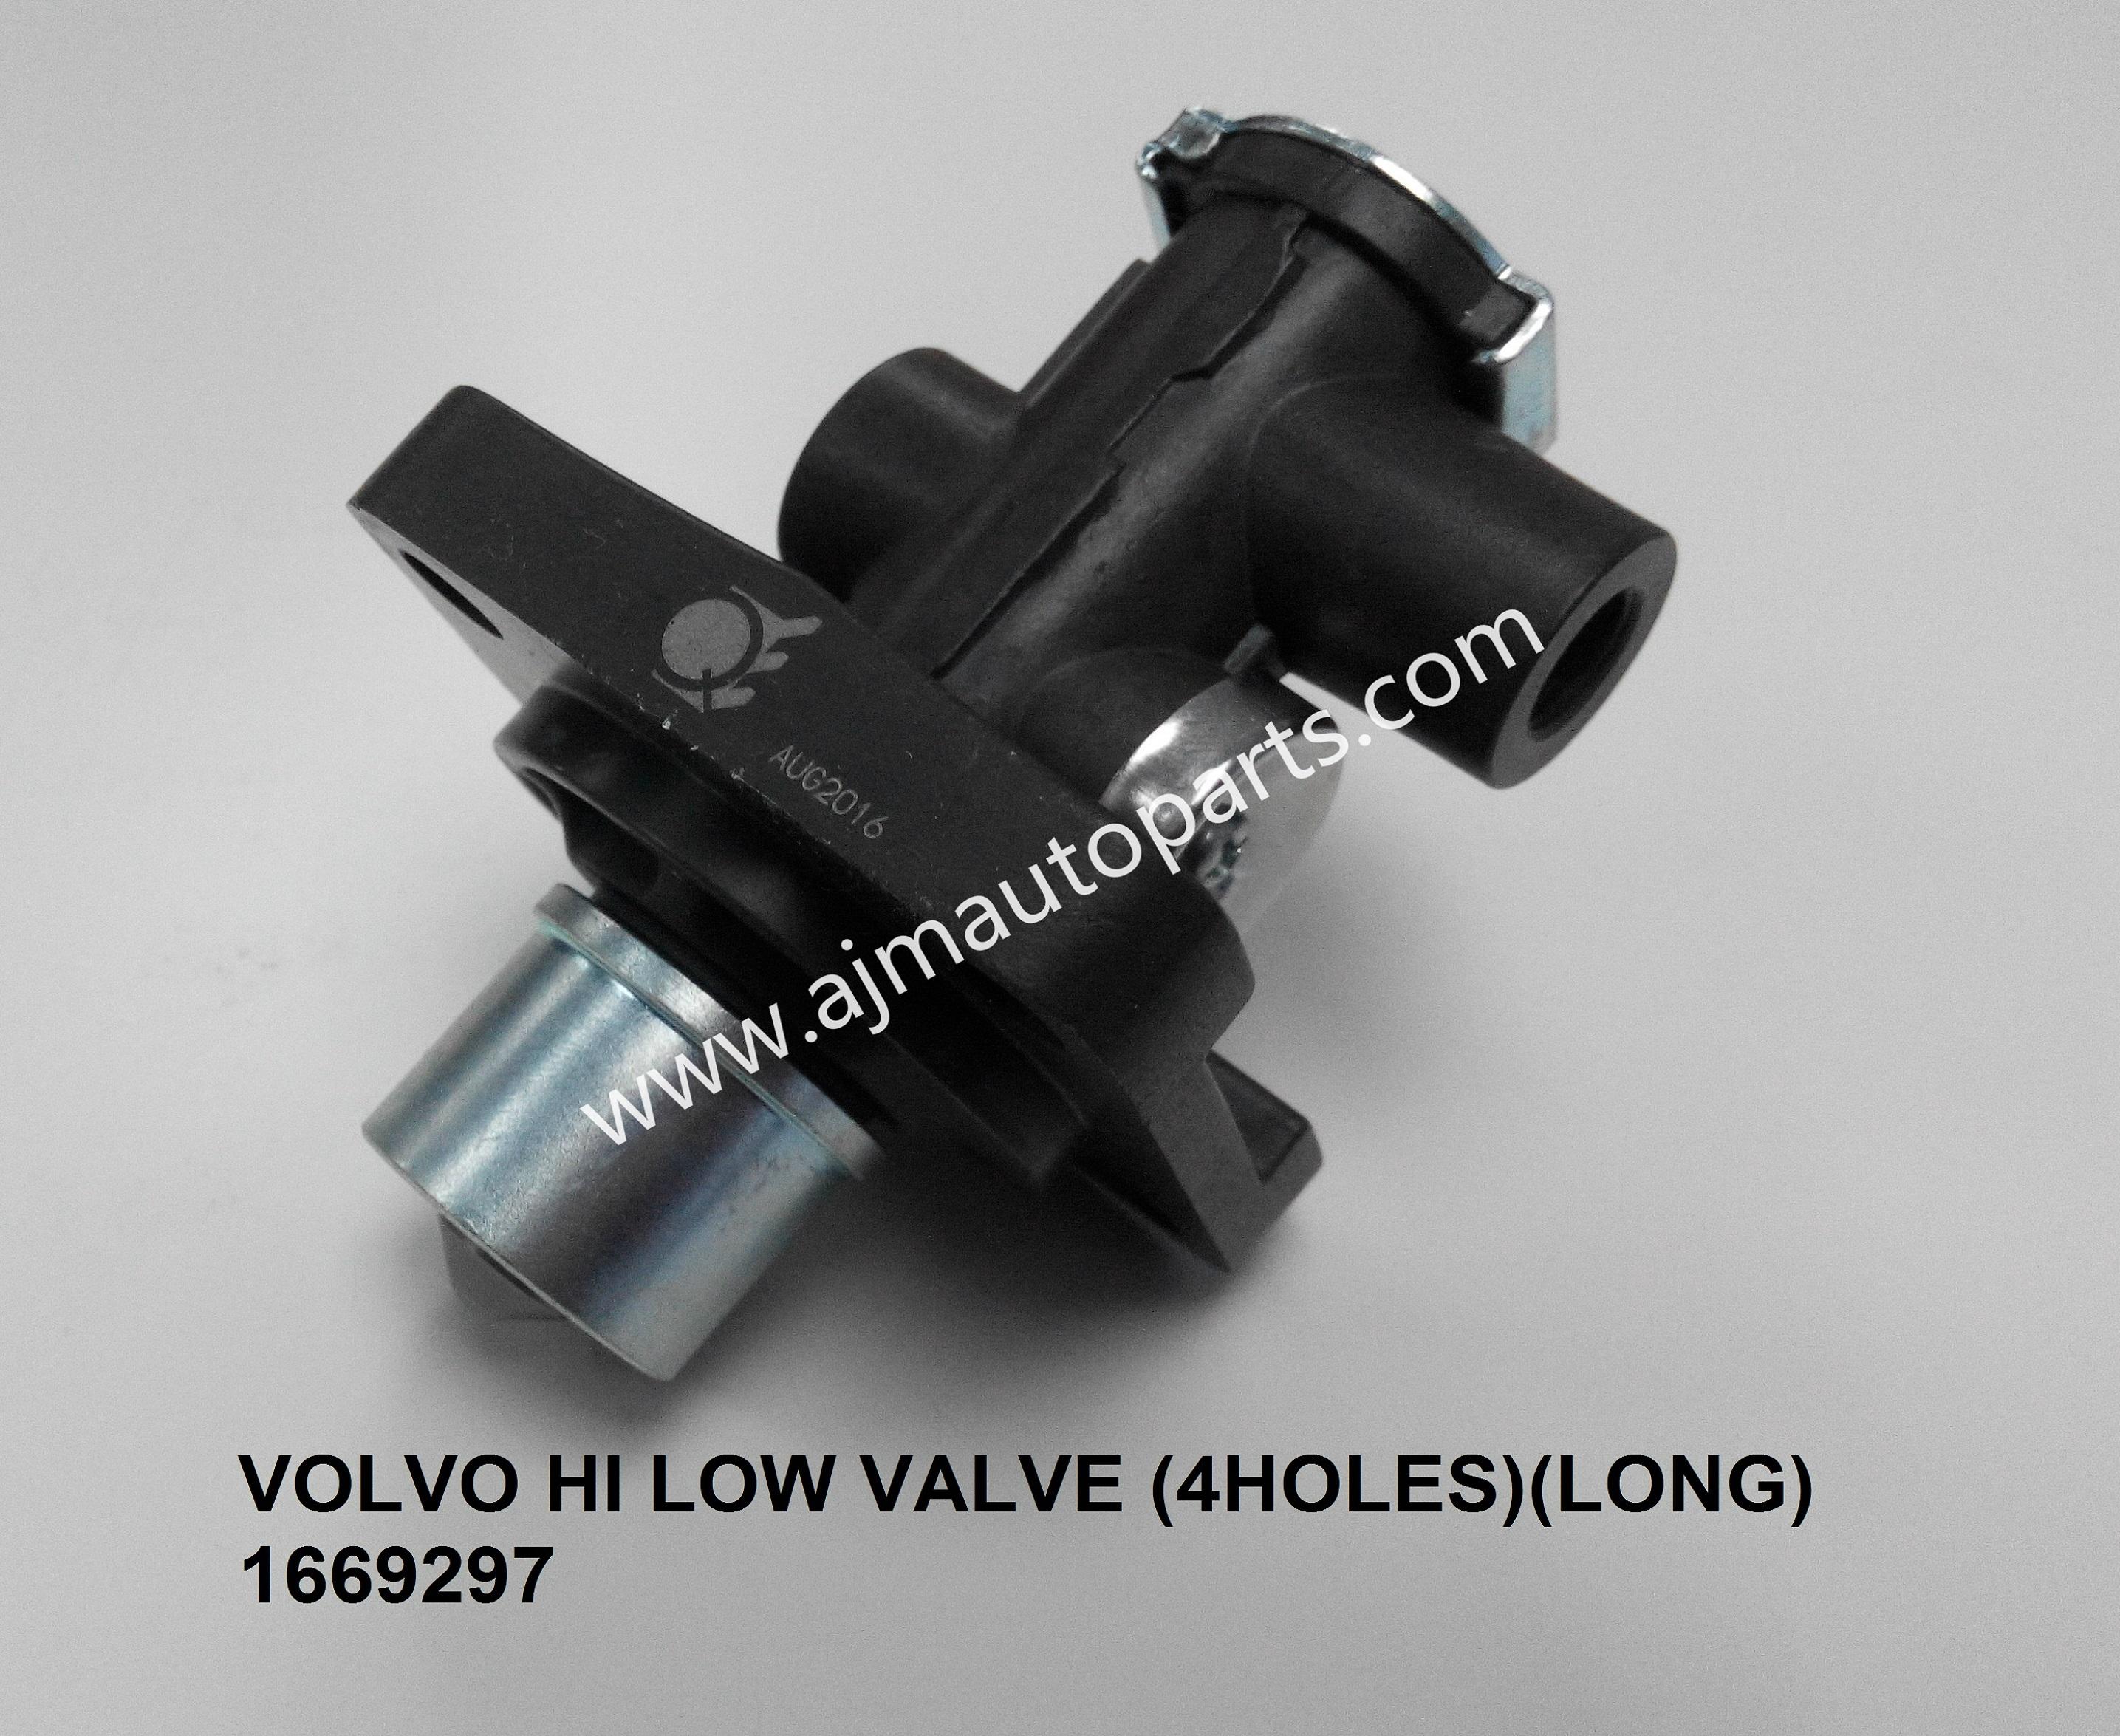 VOLVO HI LOW VALVE-1669297